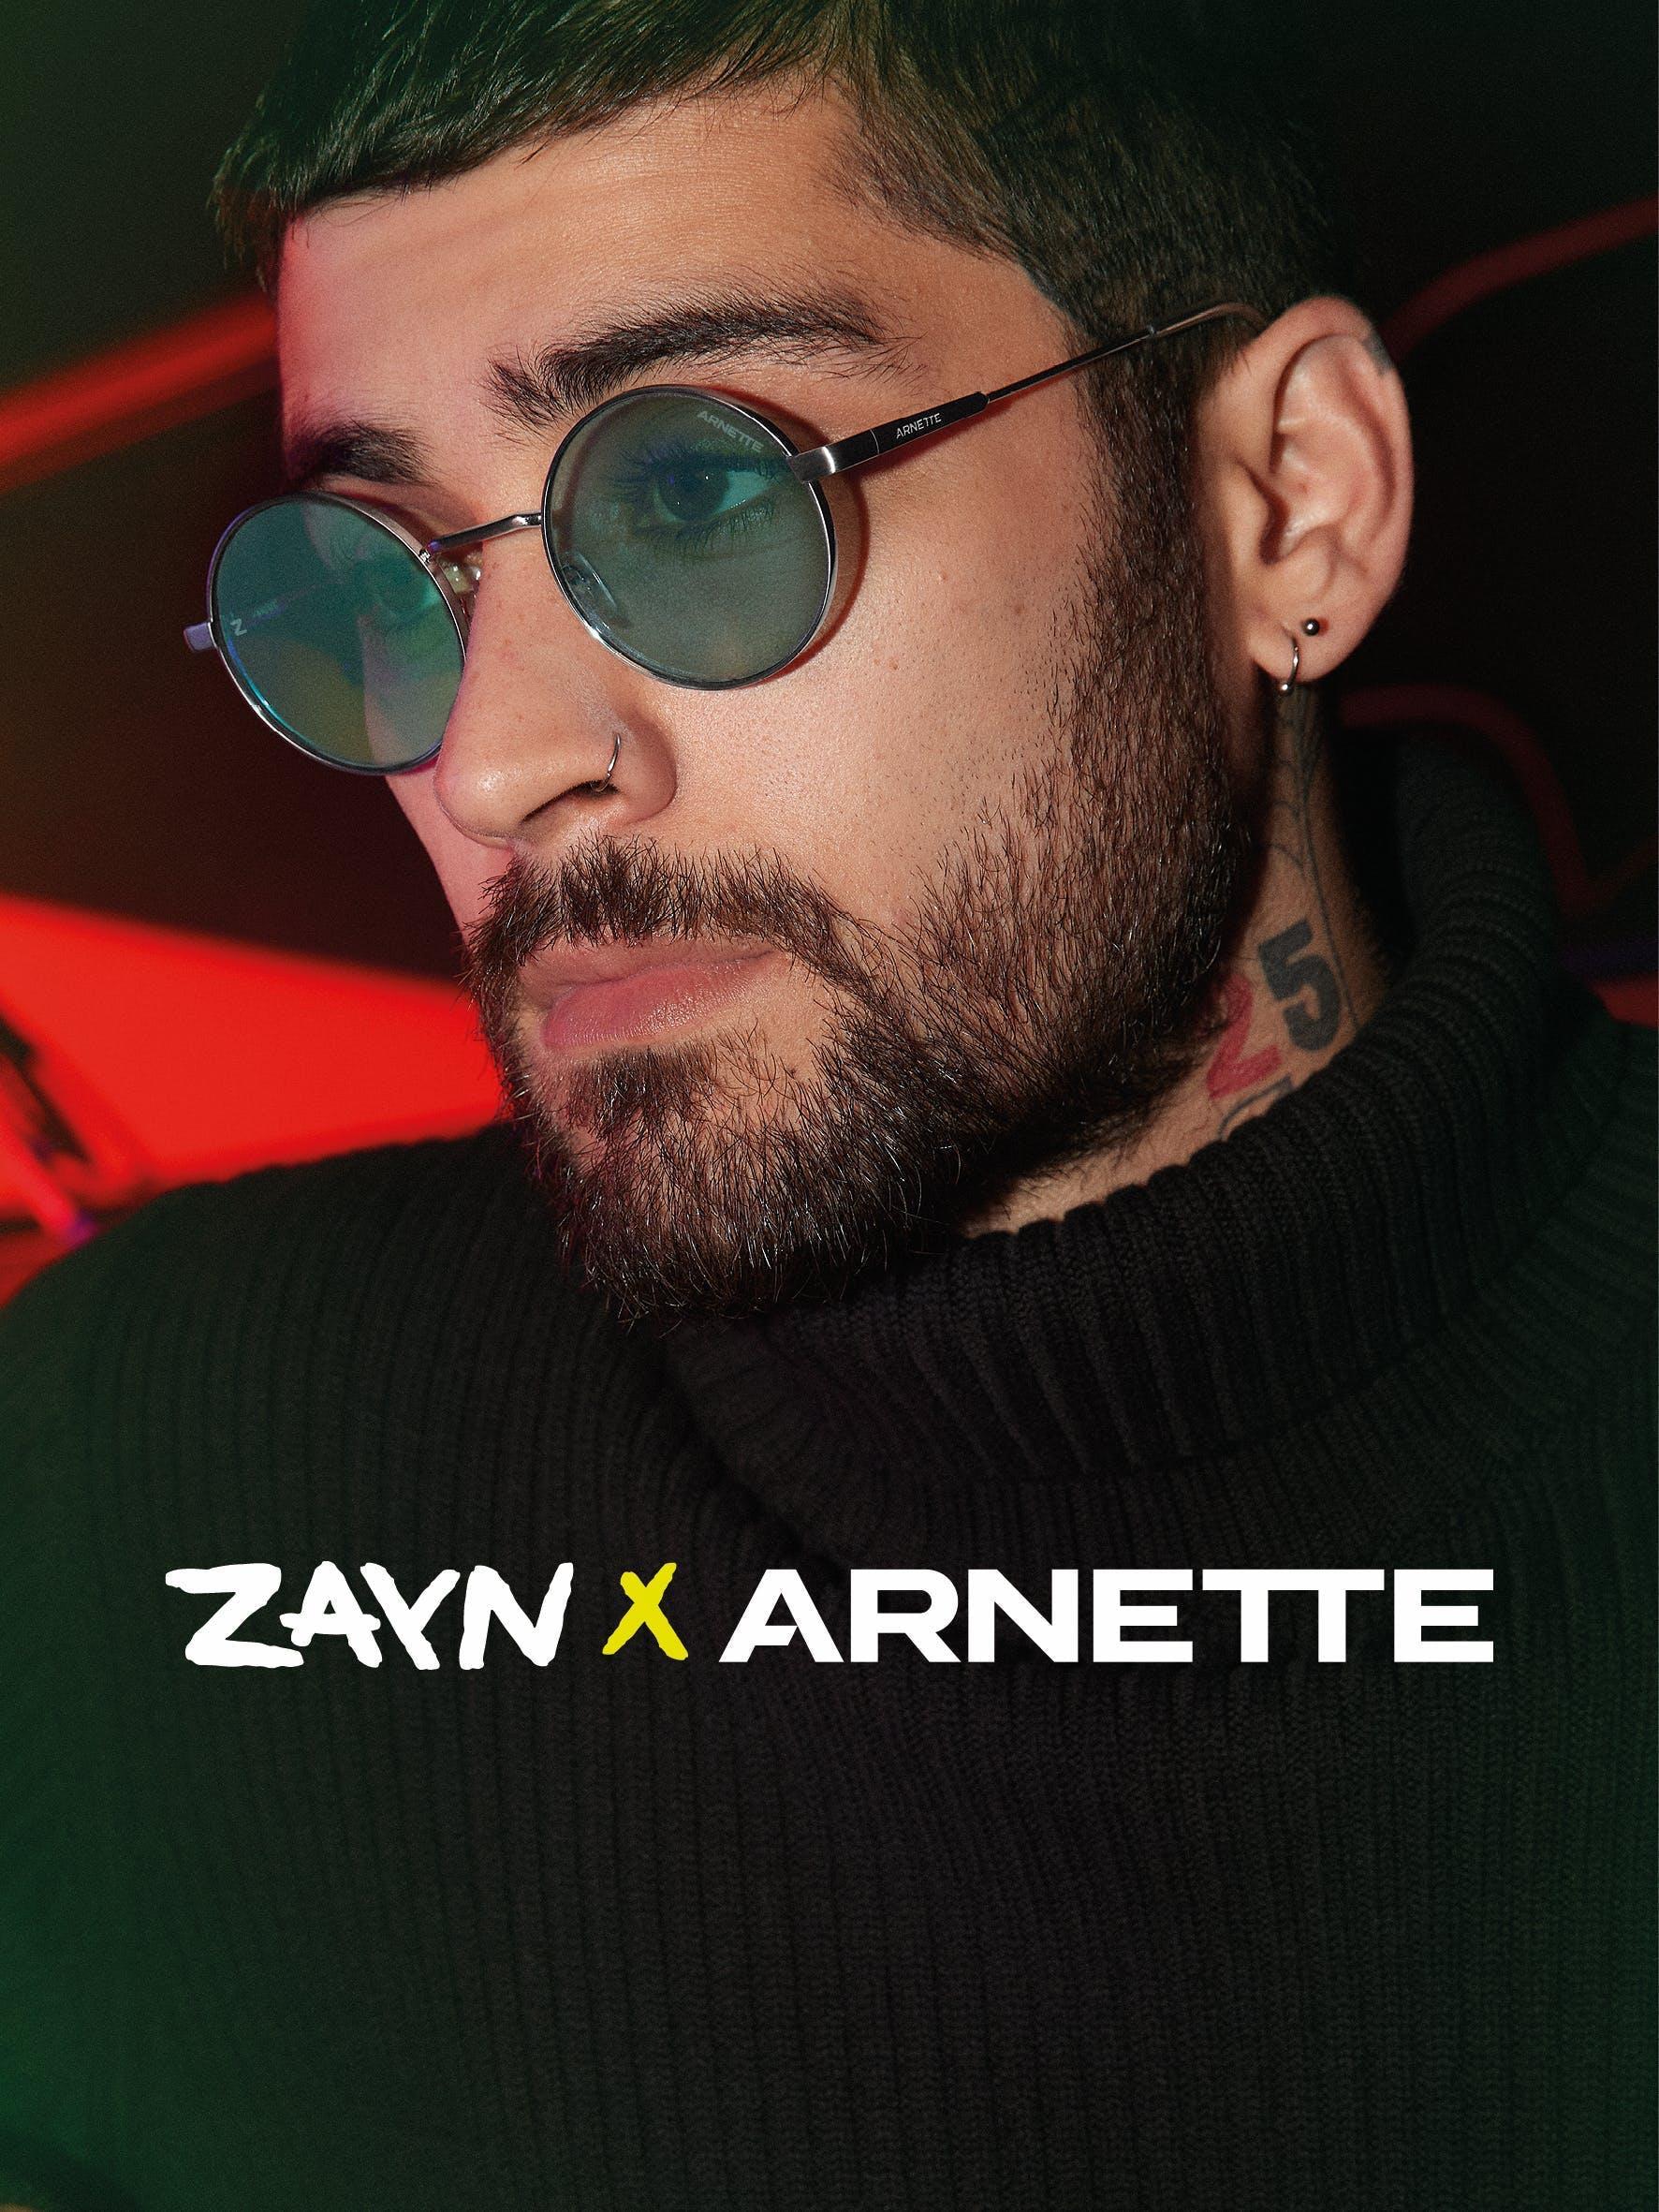 Conoce todos los detalles de la nueva colaboración de Zayn Malik y Arnette